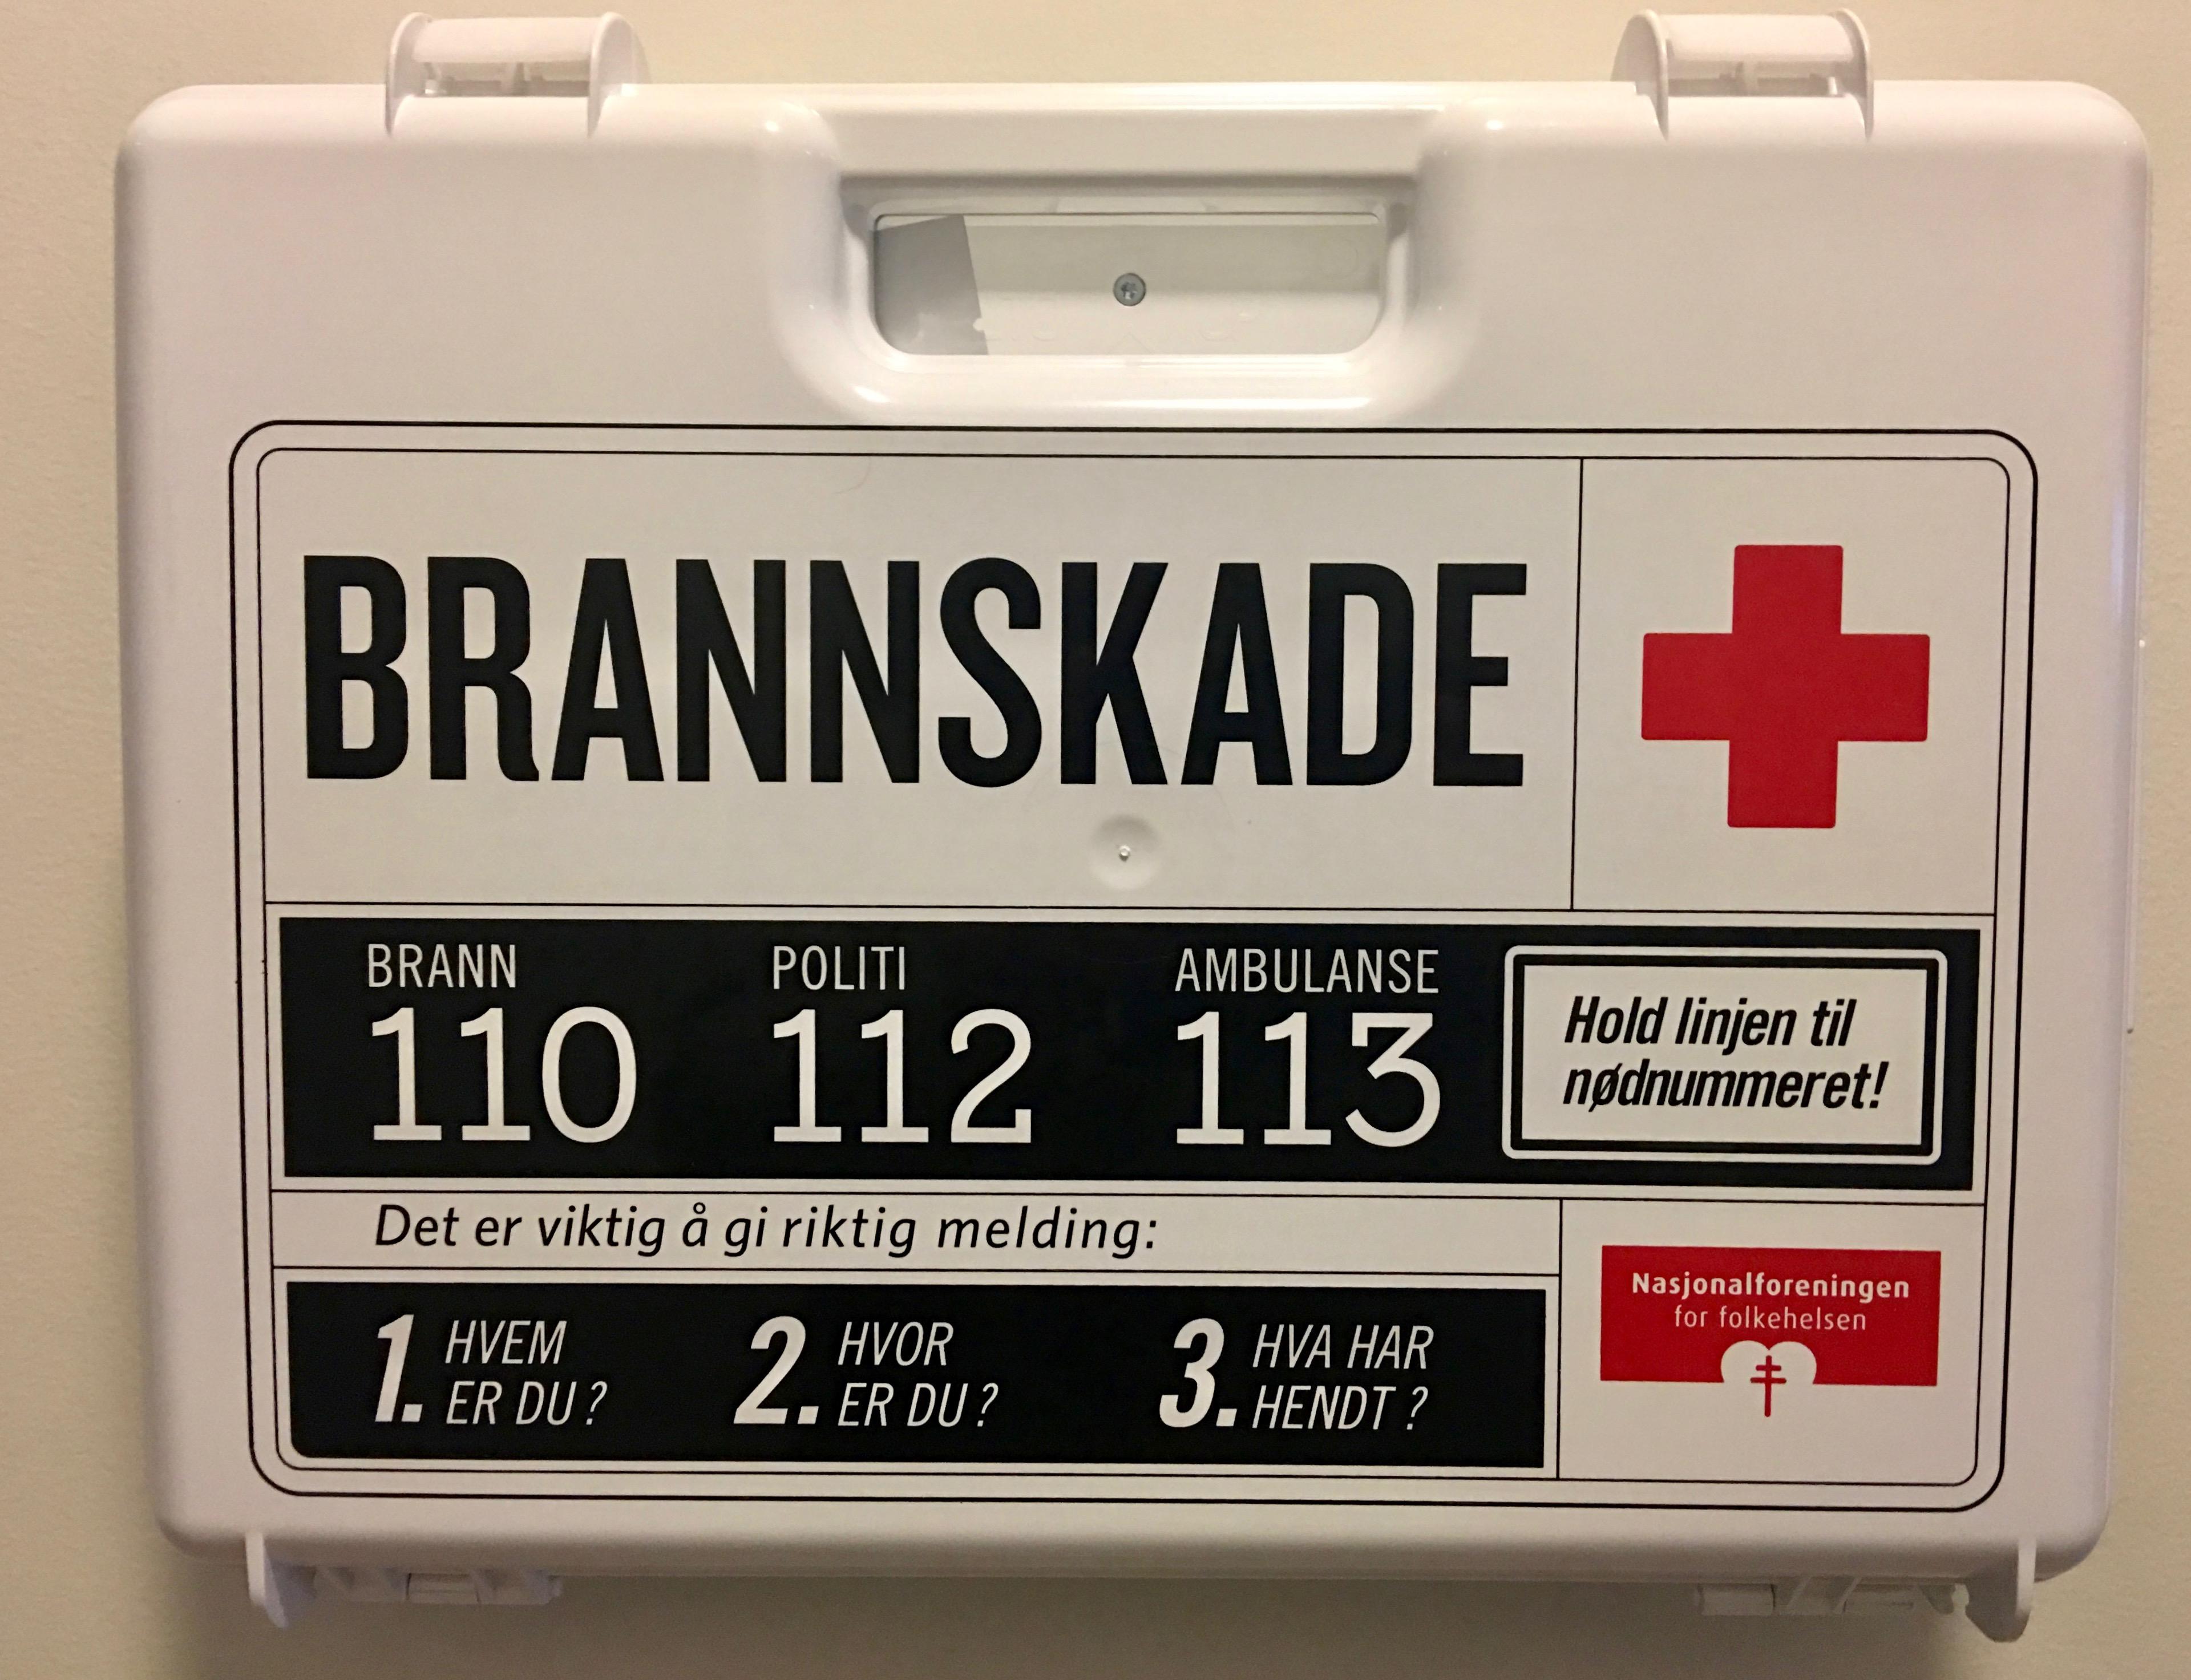 nummeret til ambulanse